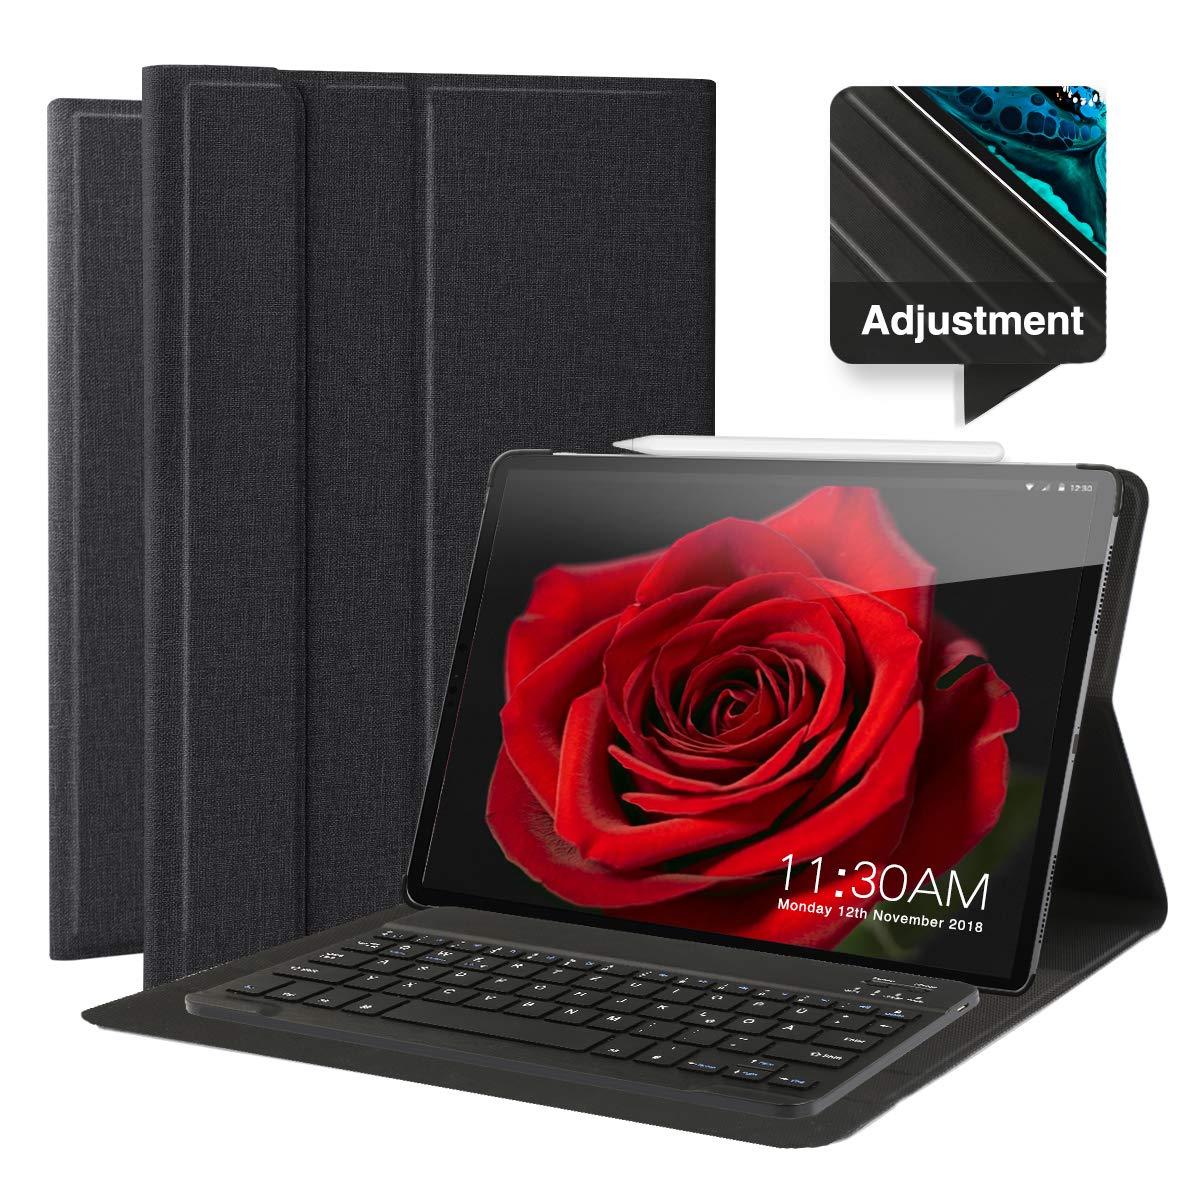 お気にいる Feelkaケースfor iPad iPad Pro Pro 11インチ保護スタンド付きドイツBluethoothキーボードQWERTZワイヤレス取り外し可能磁気ブラックブラック B07KTQT7KX, GCJ_STORE:278f393d --- a0267596.xsph.ru